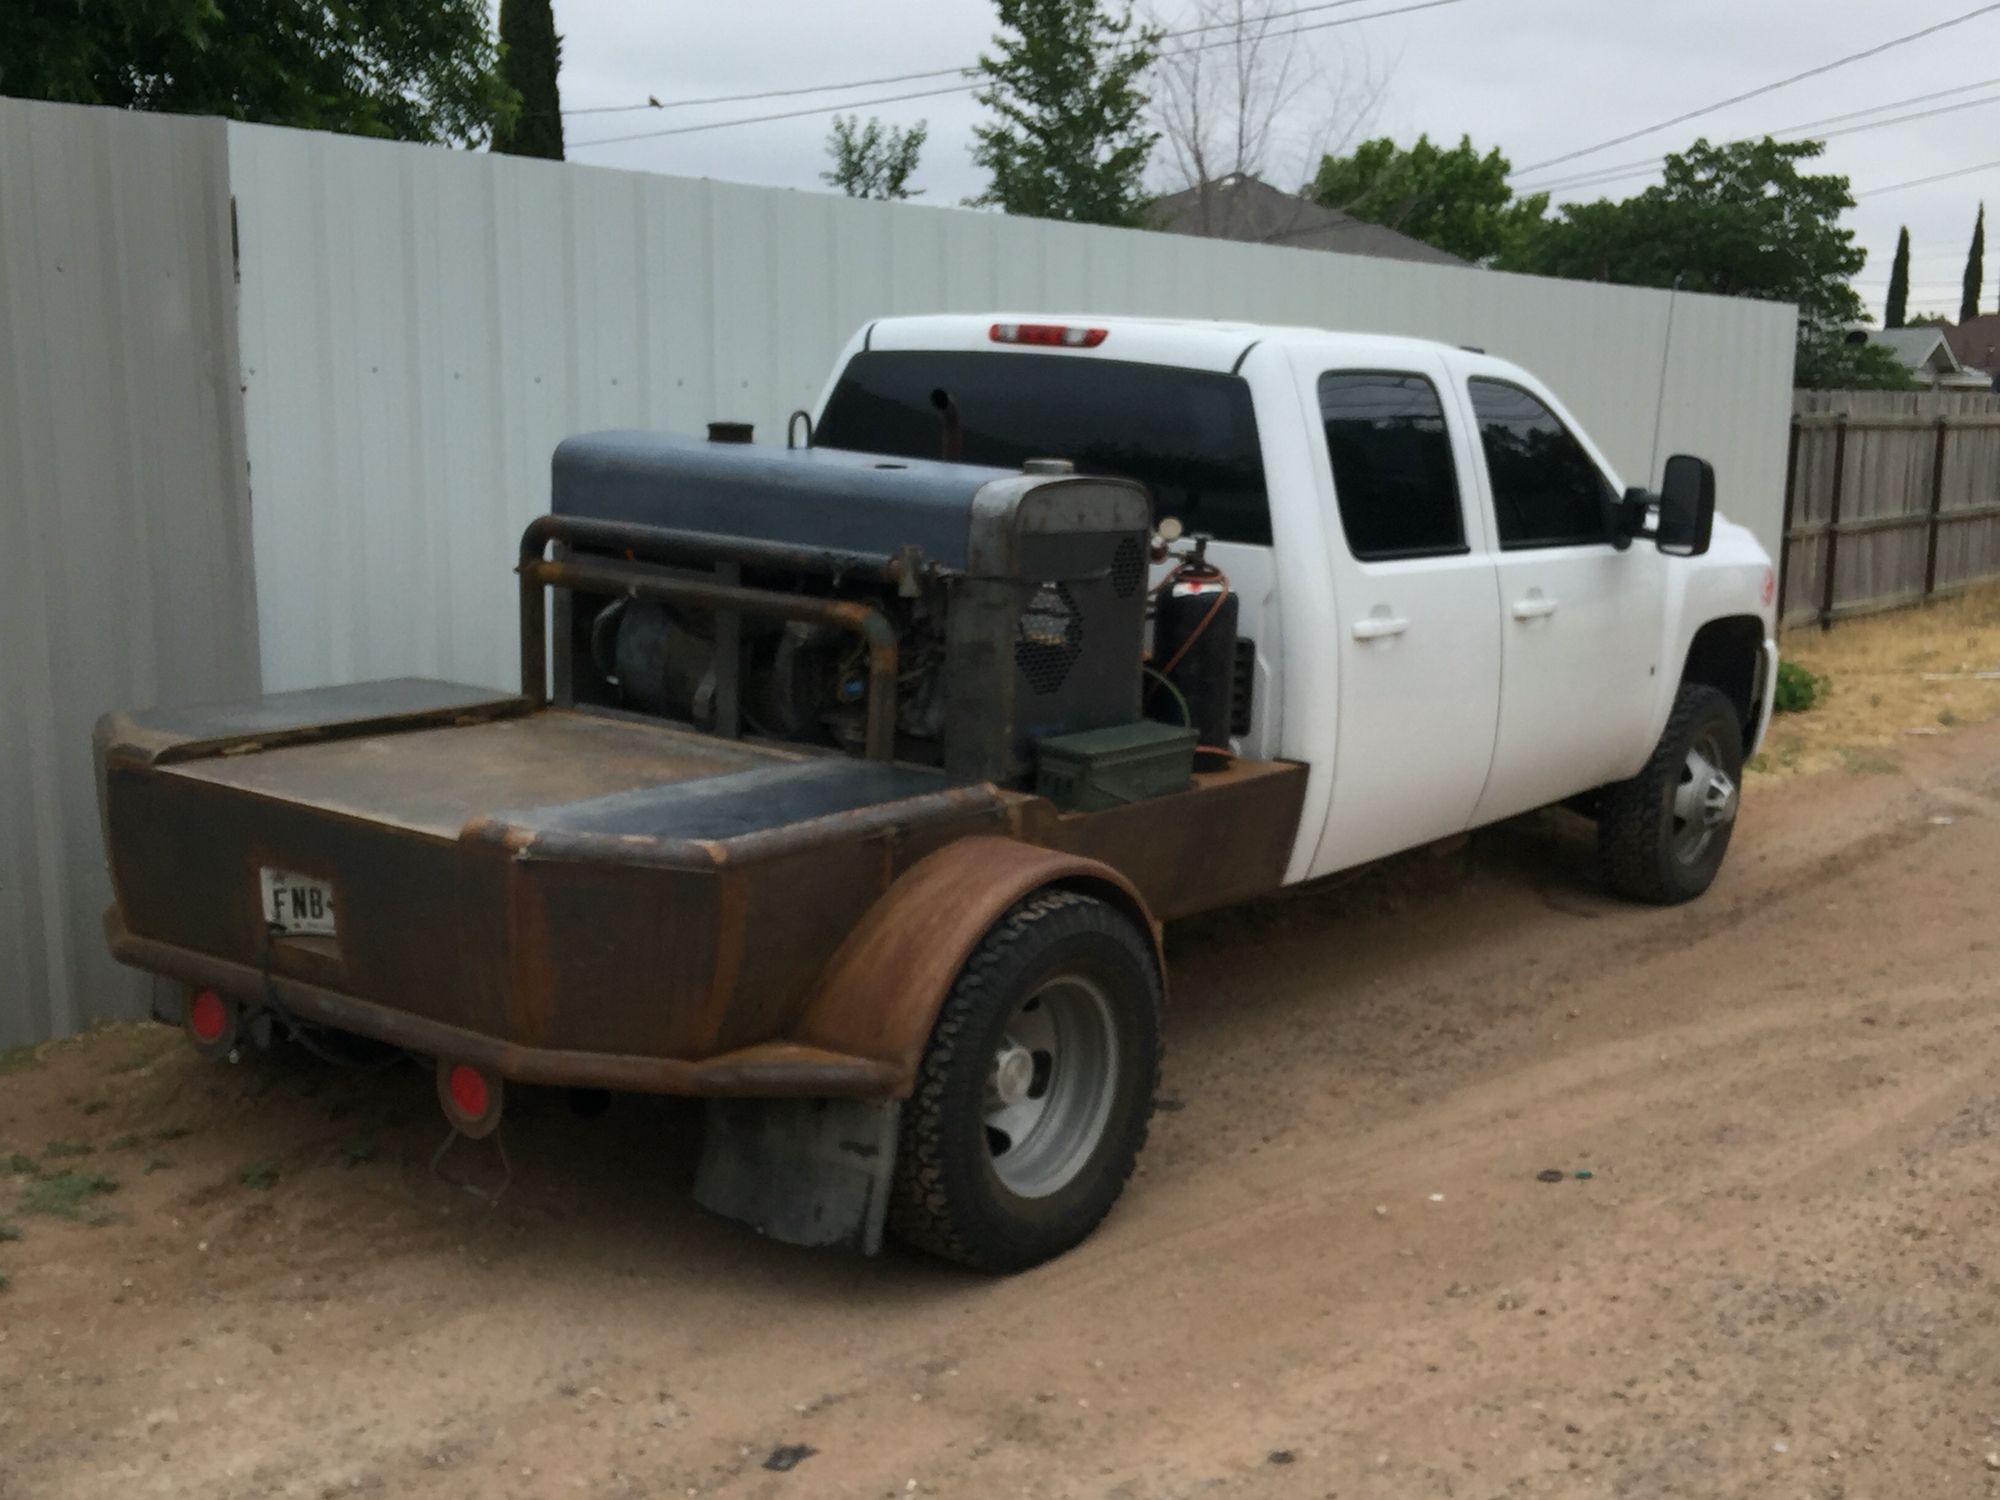 Welding Rig With Images Welding Rig Welding Trucks Welding Rigs